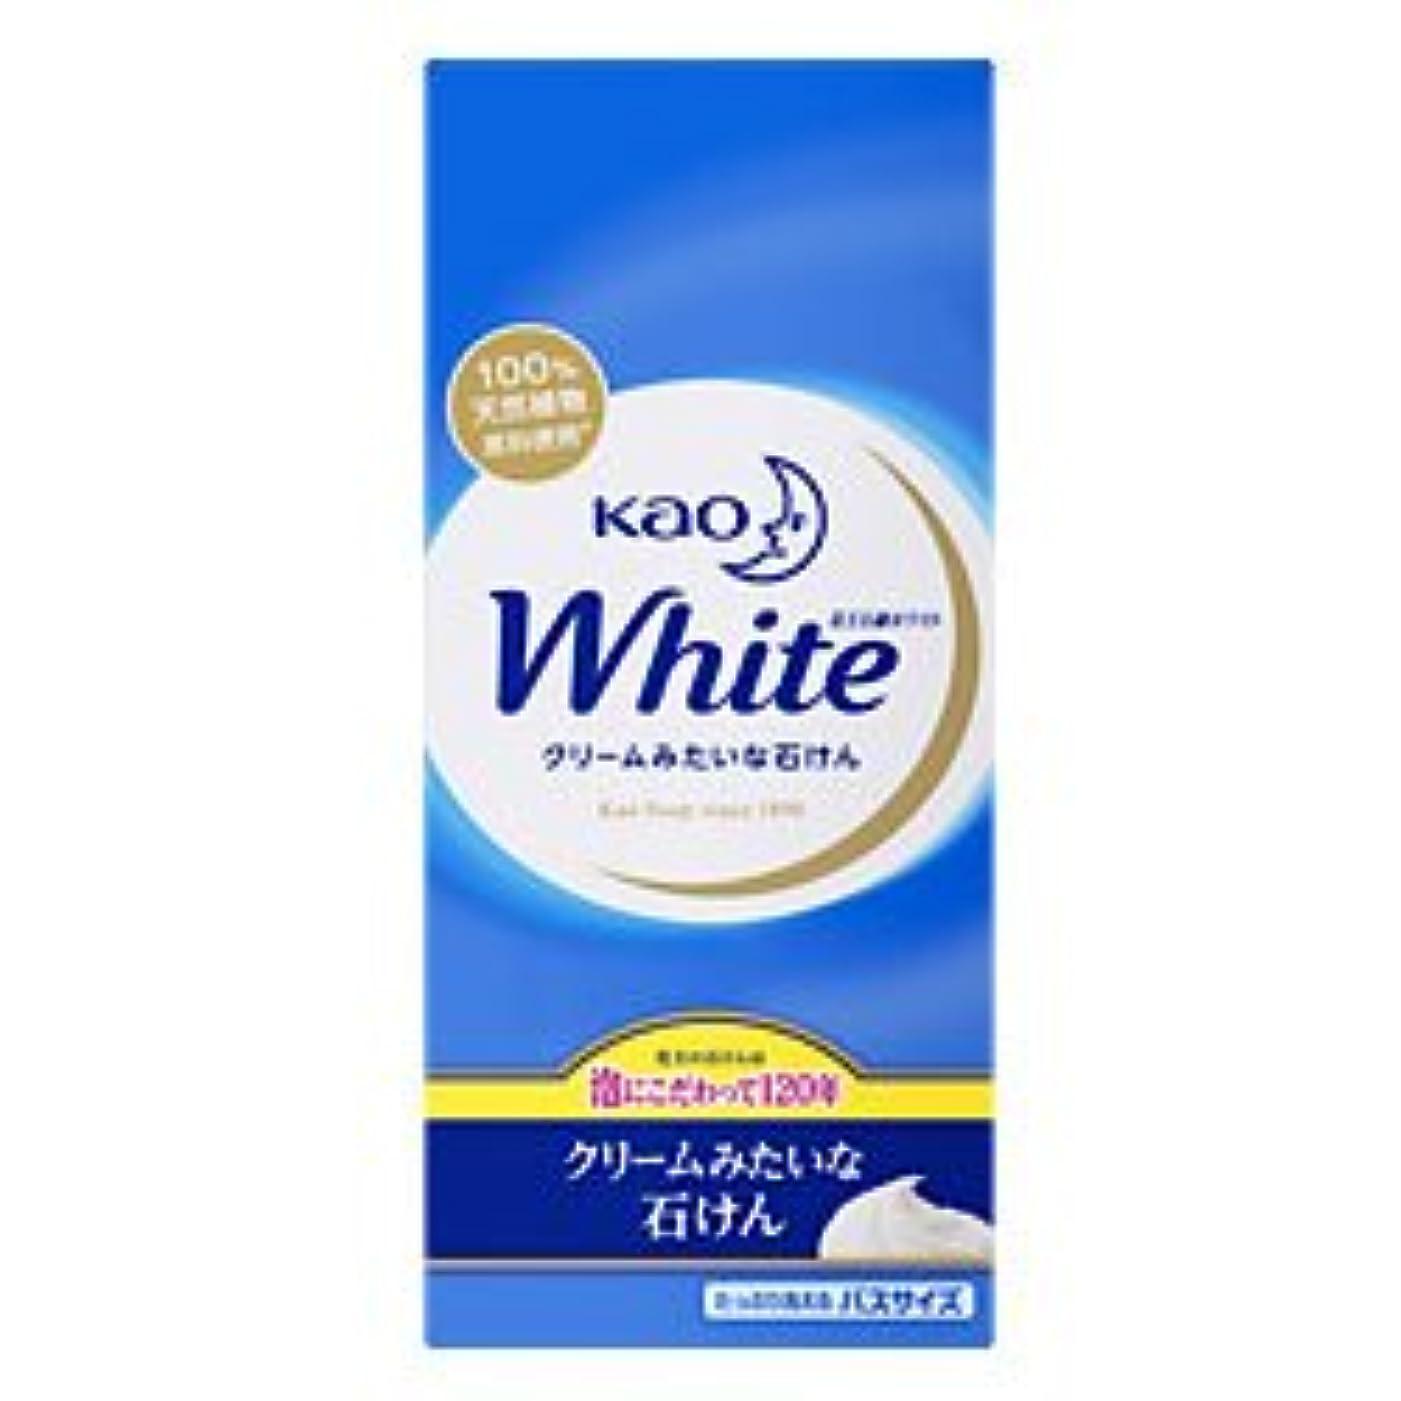 出費恨み組み合わせ【花王】花王ホワイト バスサイズ 130g×6個 ×10個セット